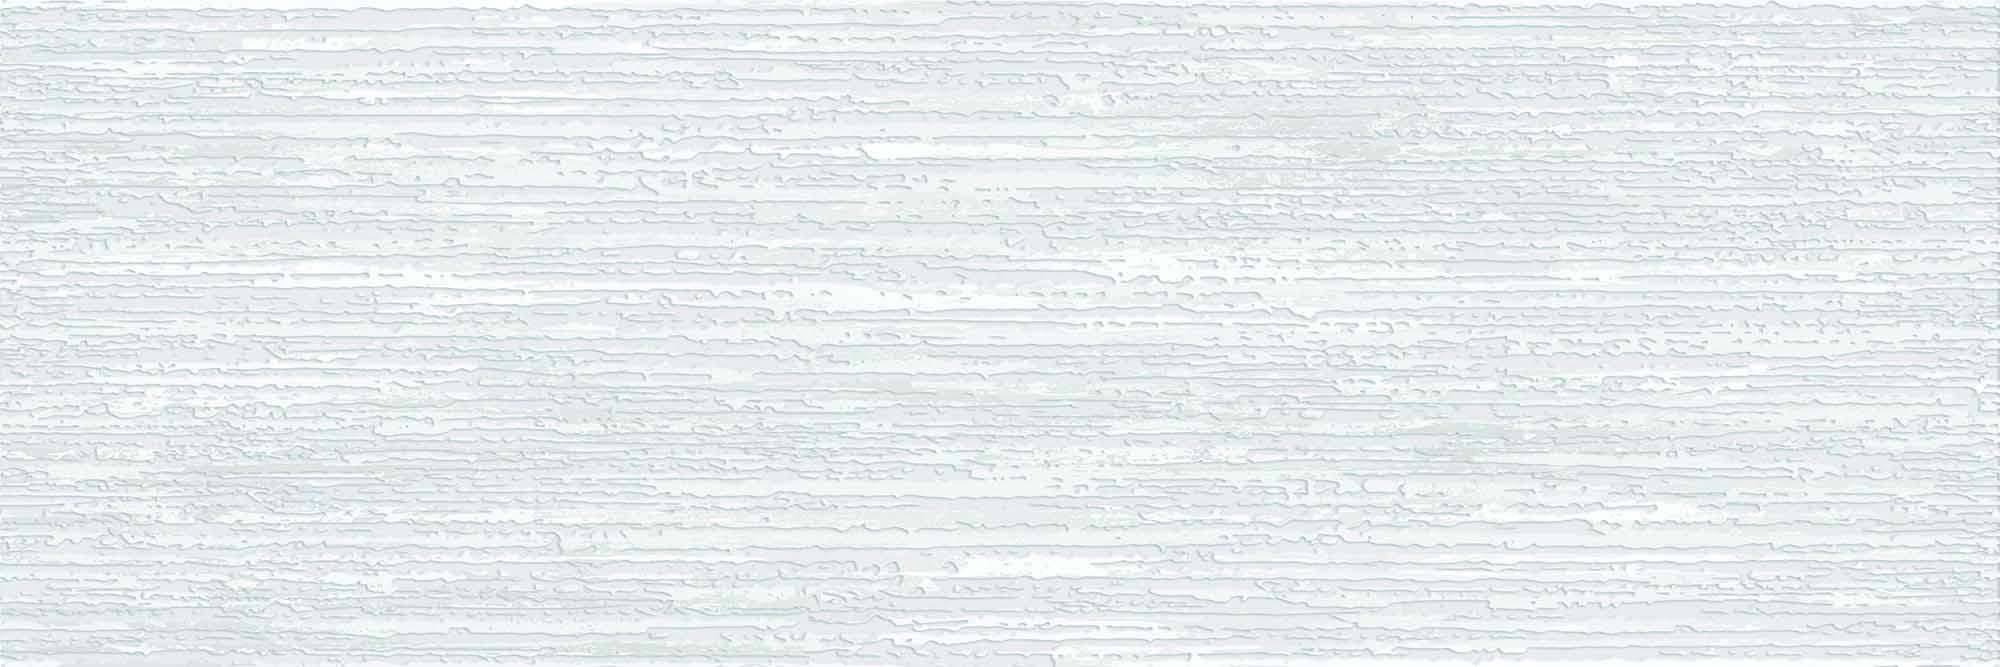 Купить Керамическая плитка AltaСera Solar Aquatic DW11AQT03 декор 20x60, Россия